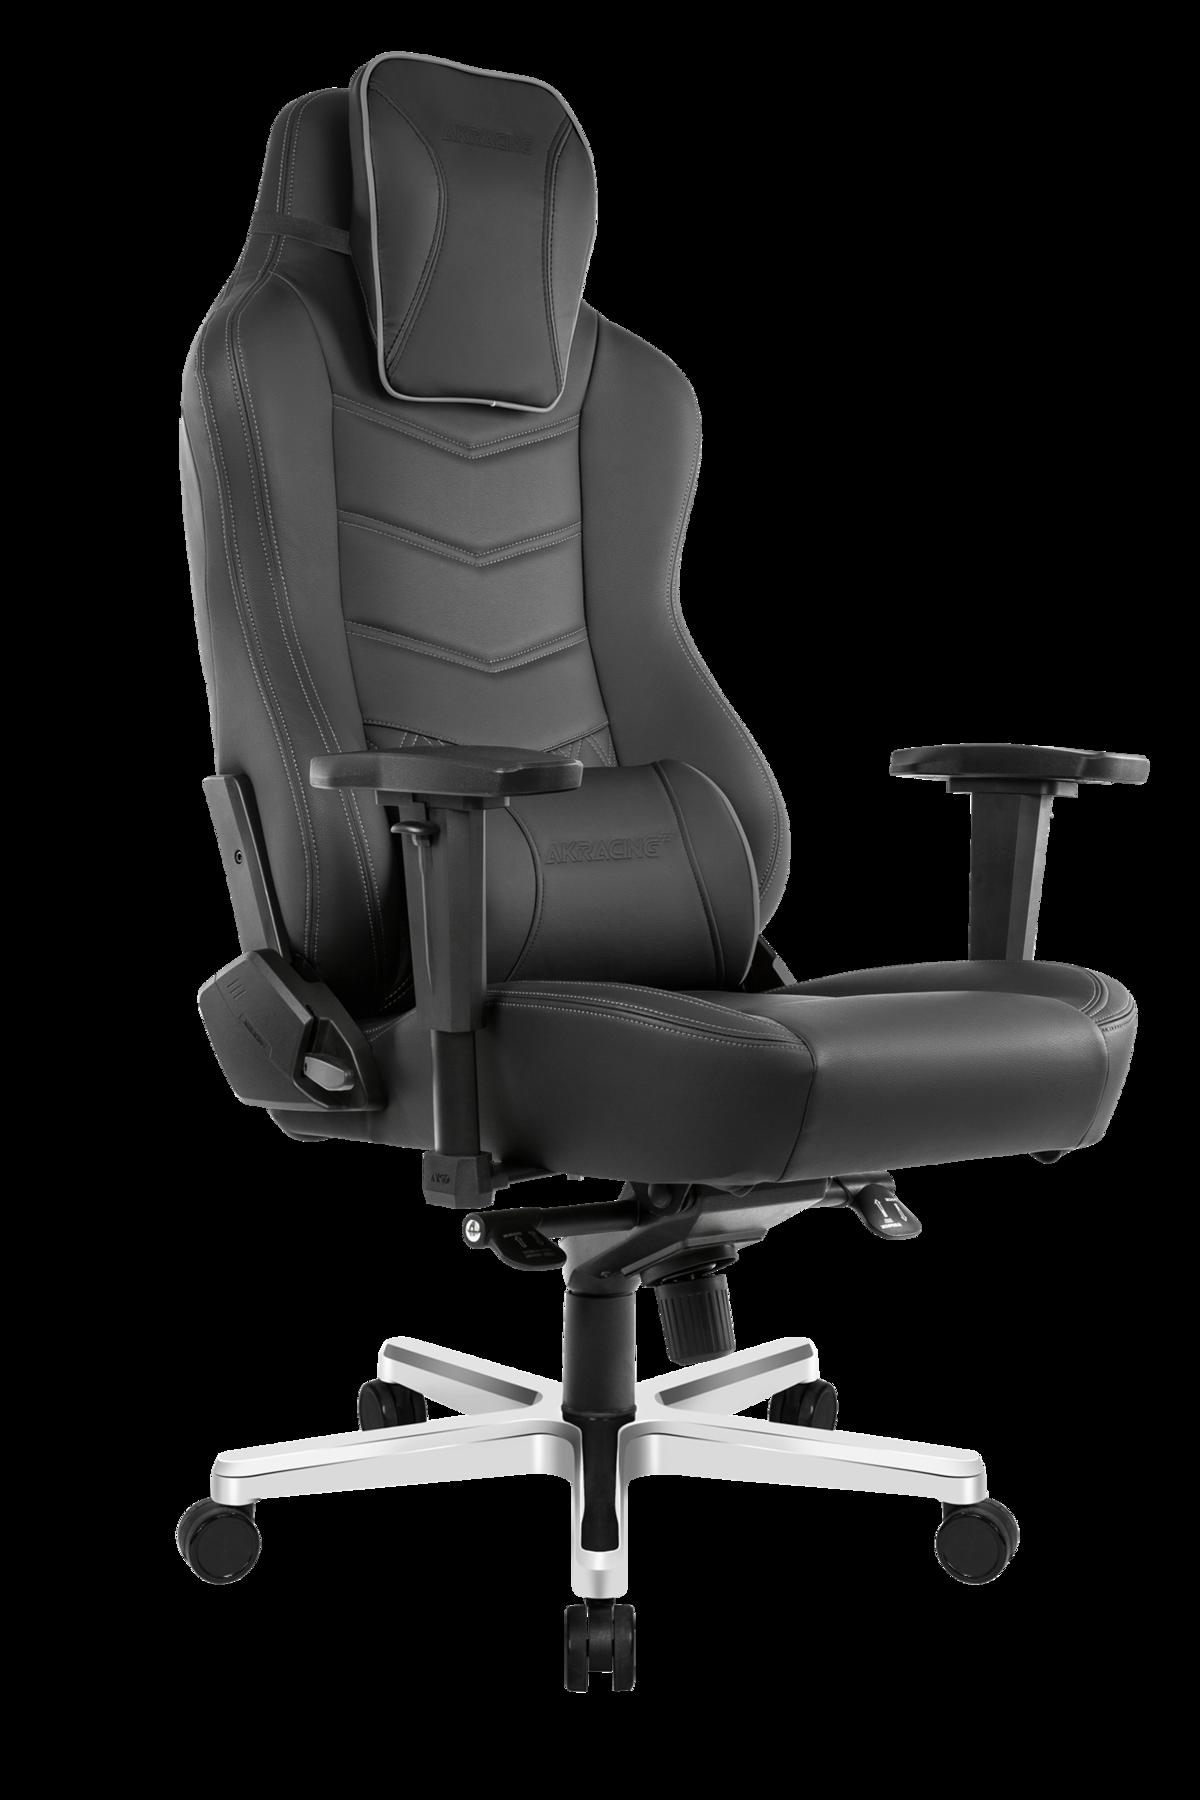 Акрасинг кресло Оникс